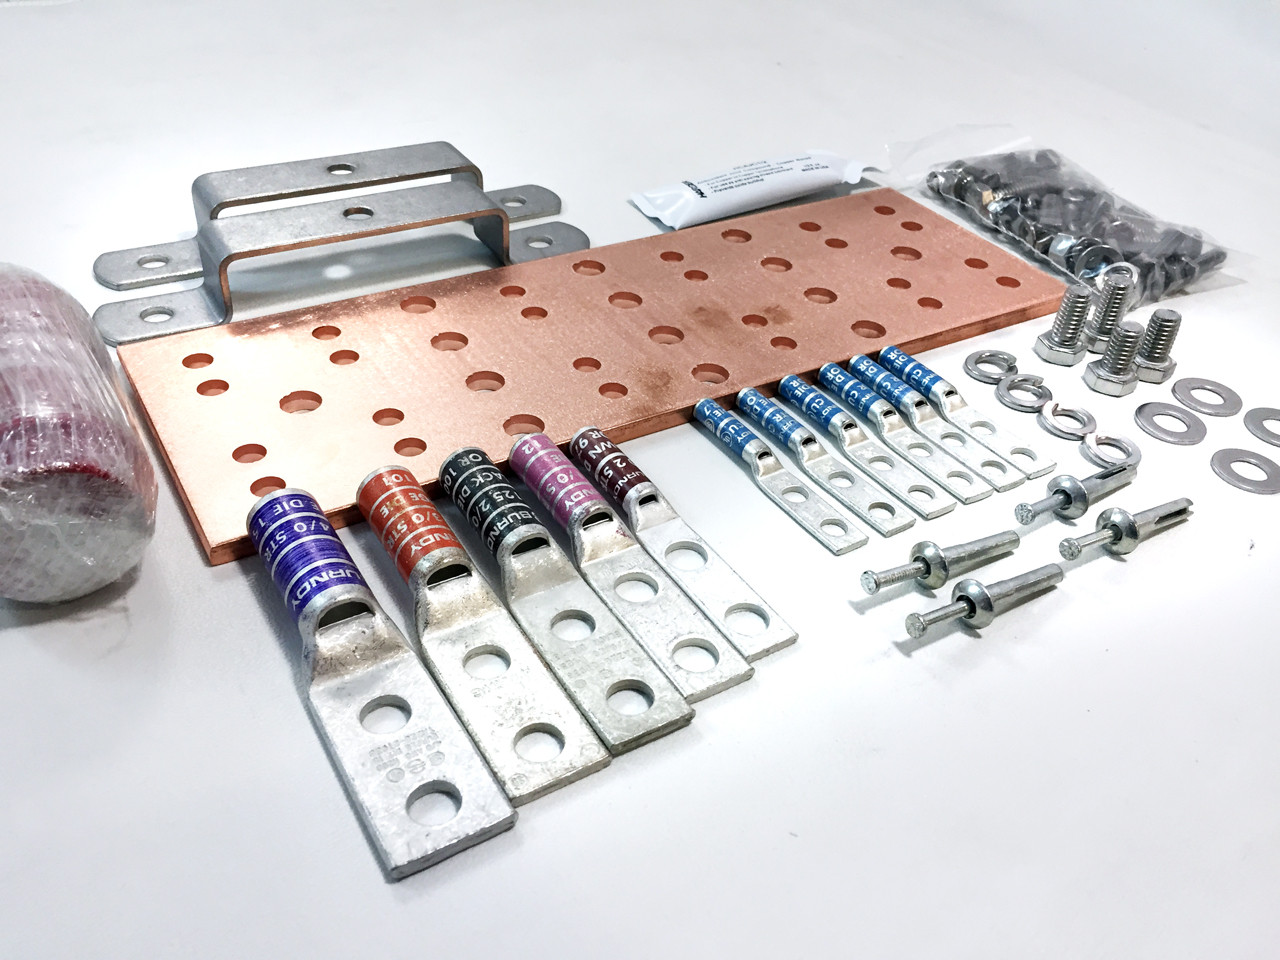 """SBTMGB12K Equivalent 12"""" Main Grounding Bar Assembly and Harkware Kit (SBTMGB12K)"""